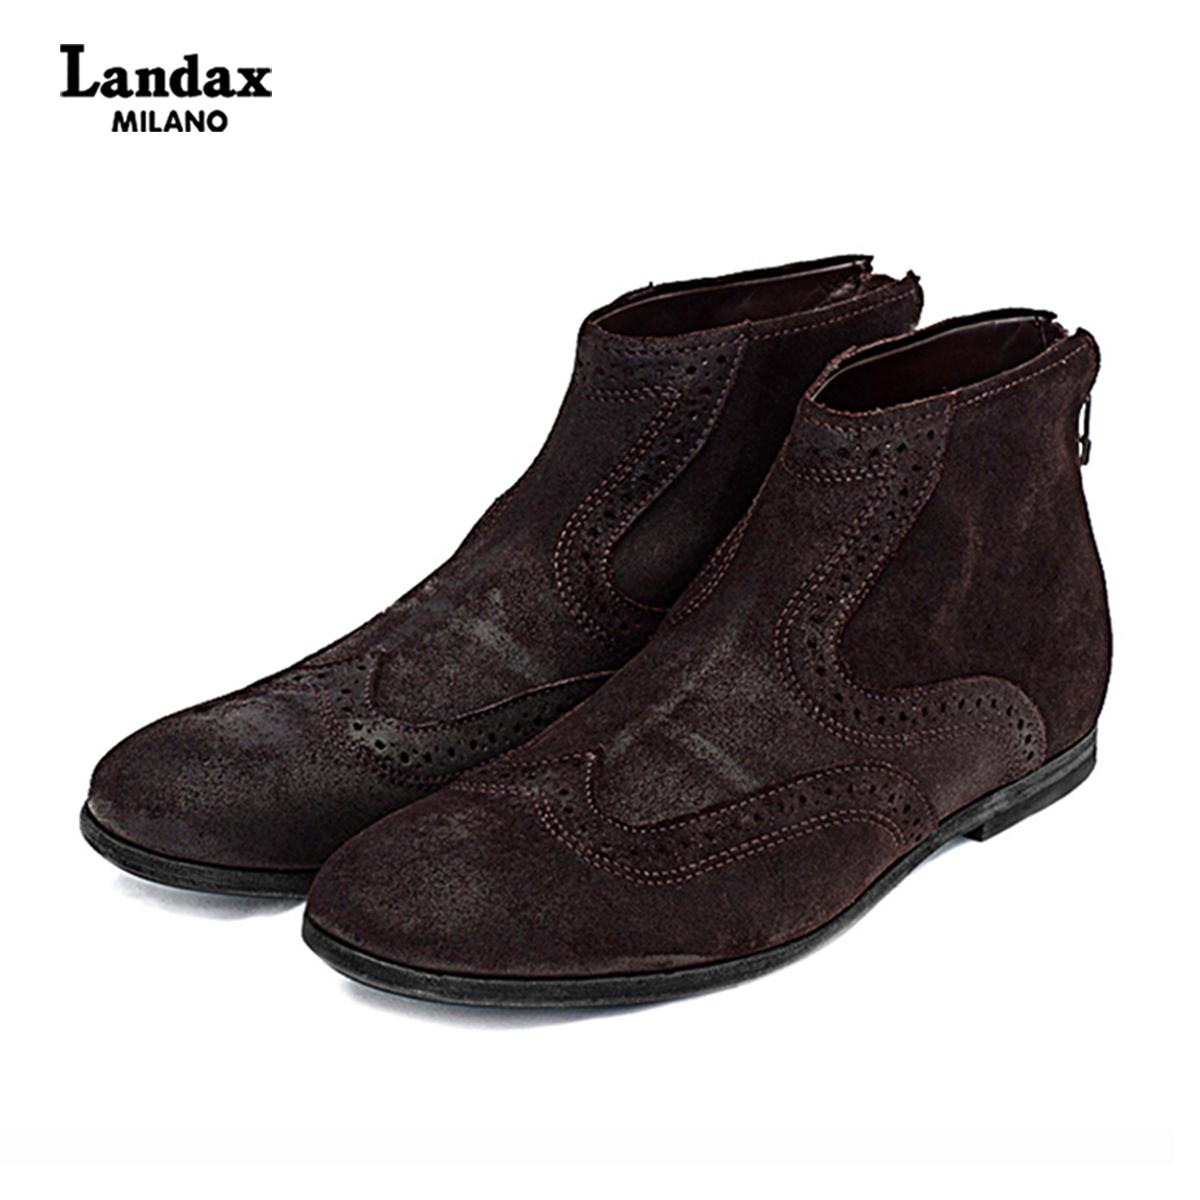 Landax新款切尔西男靴牛皮短靴男布洛克英伦男士皮靴复古英伦男靴